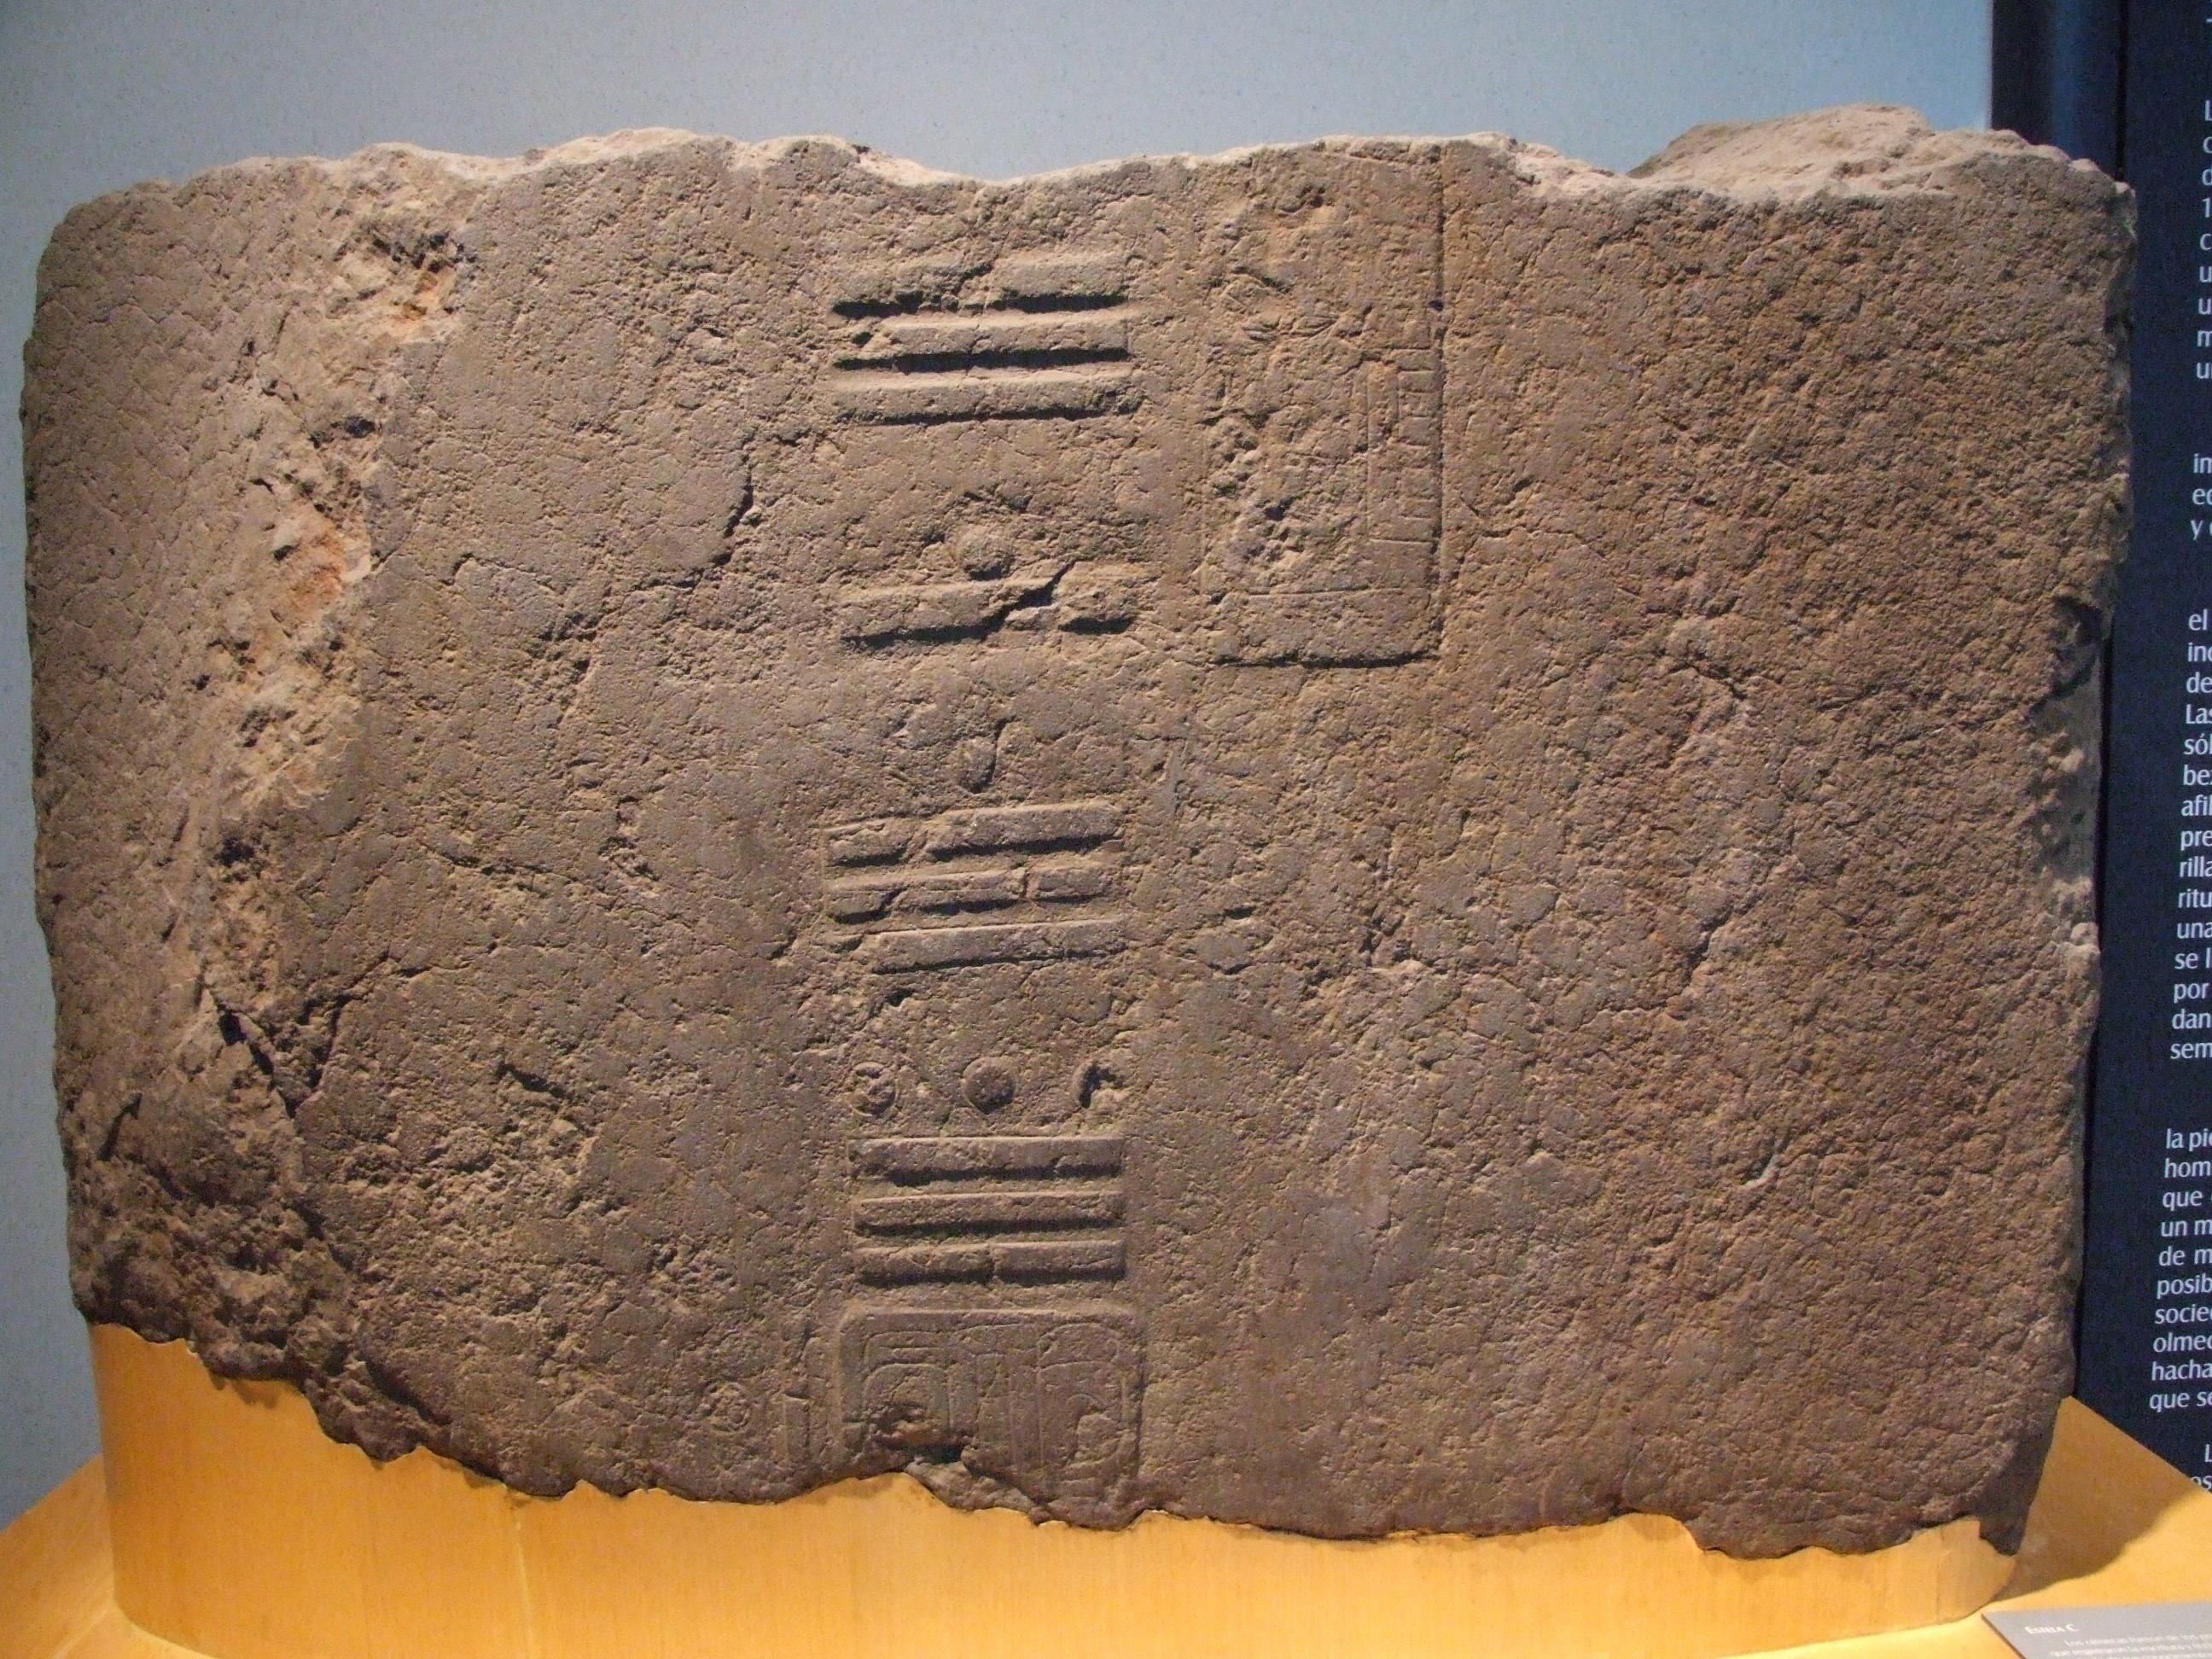 Tres Zapotes stela 3